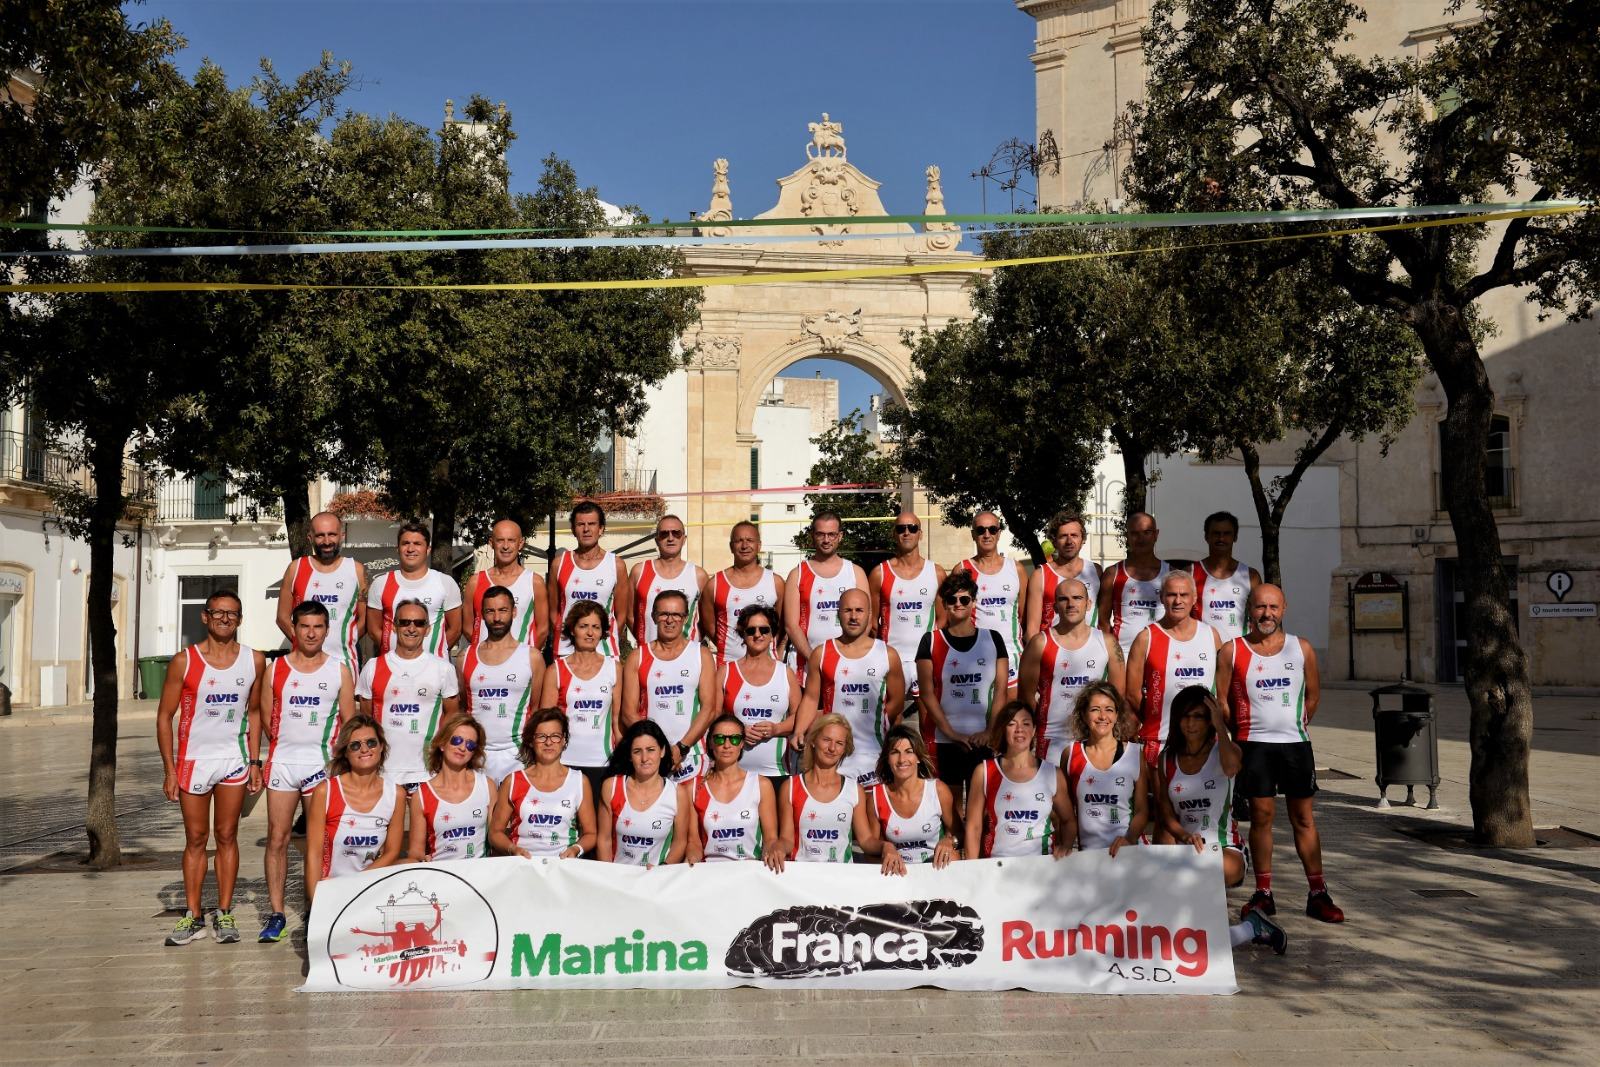 foto Asd Martina Franca Running